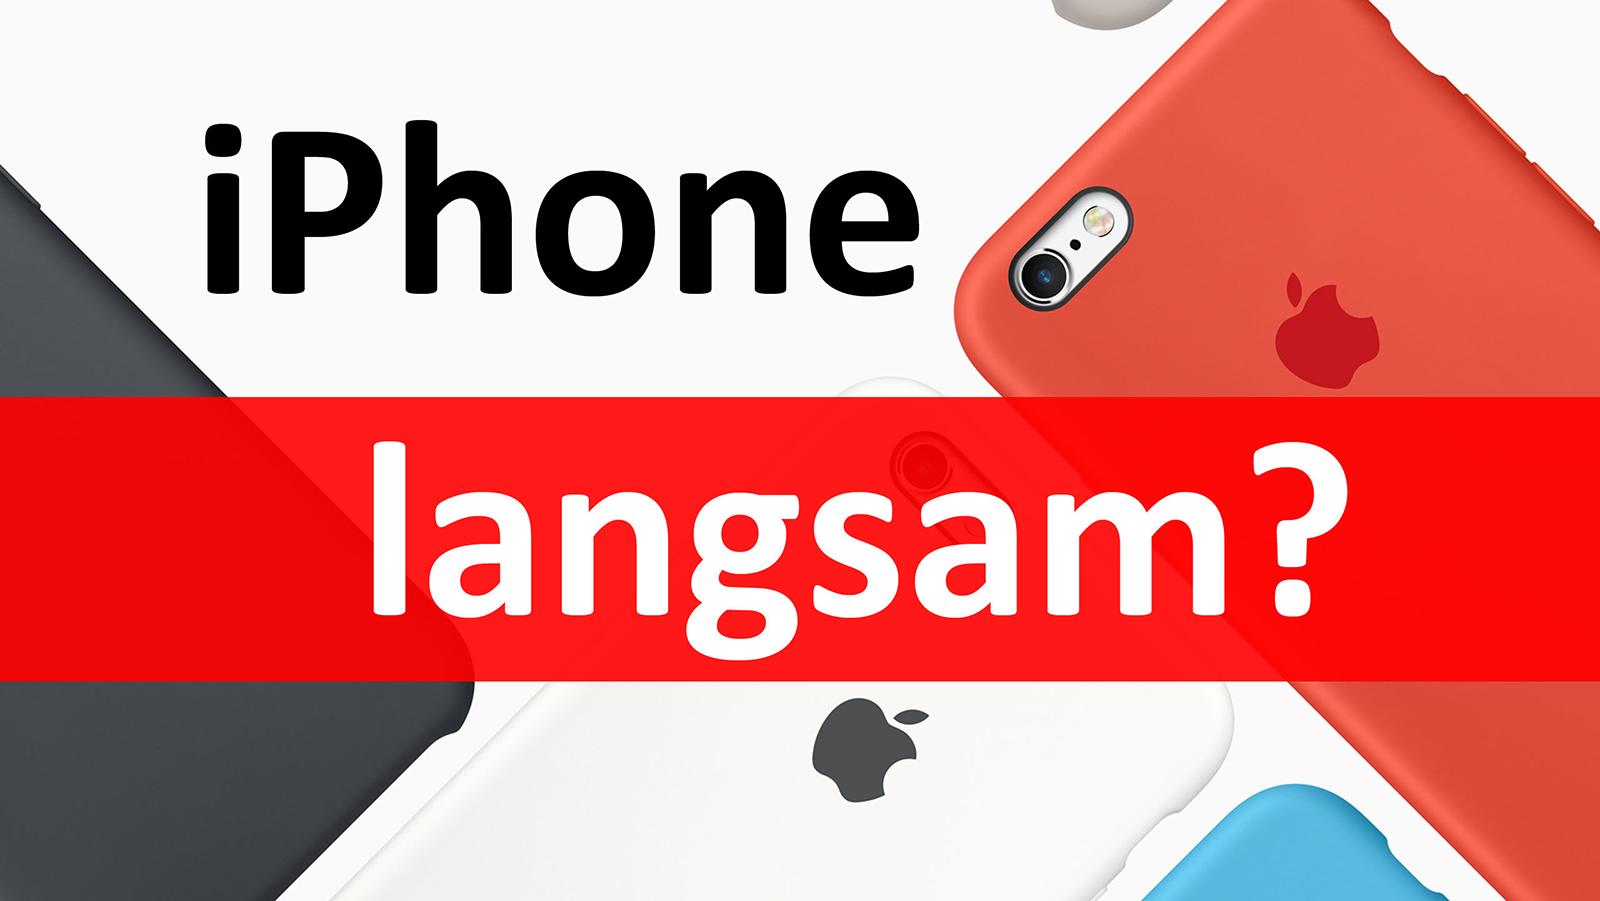 iPhone Problems – iPhone, iPad langsam